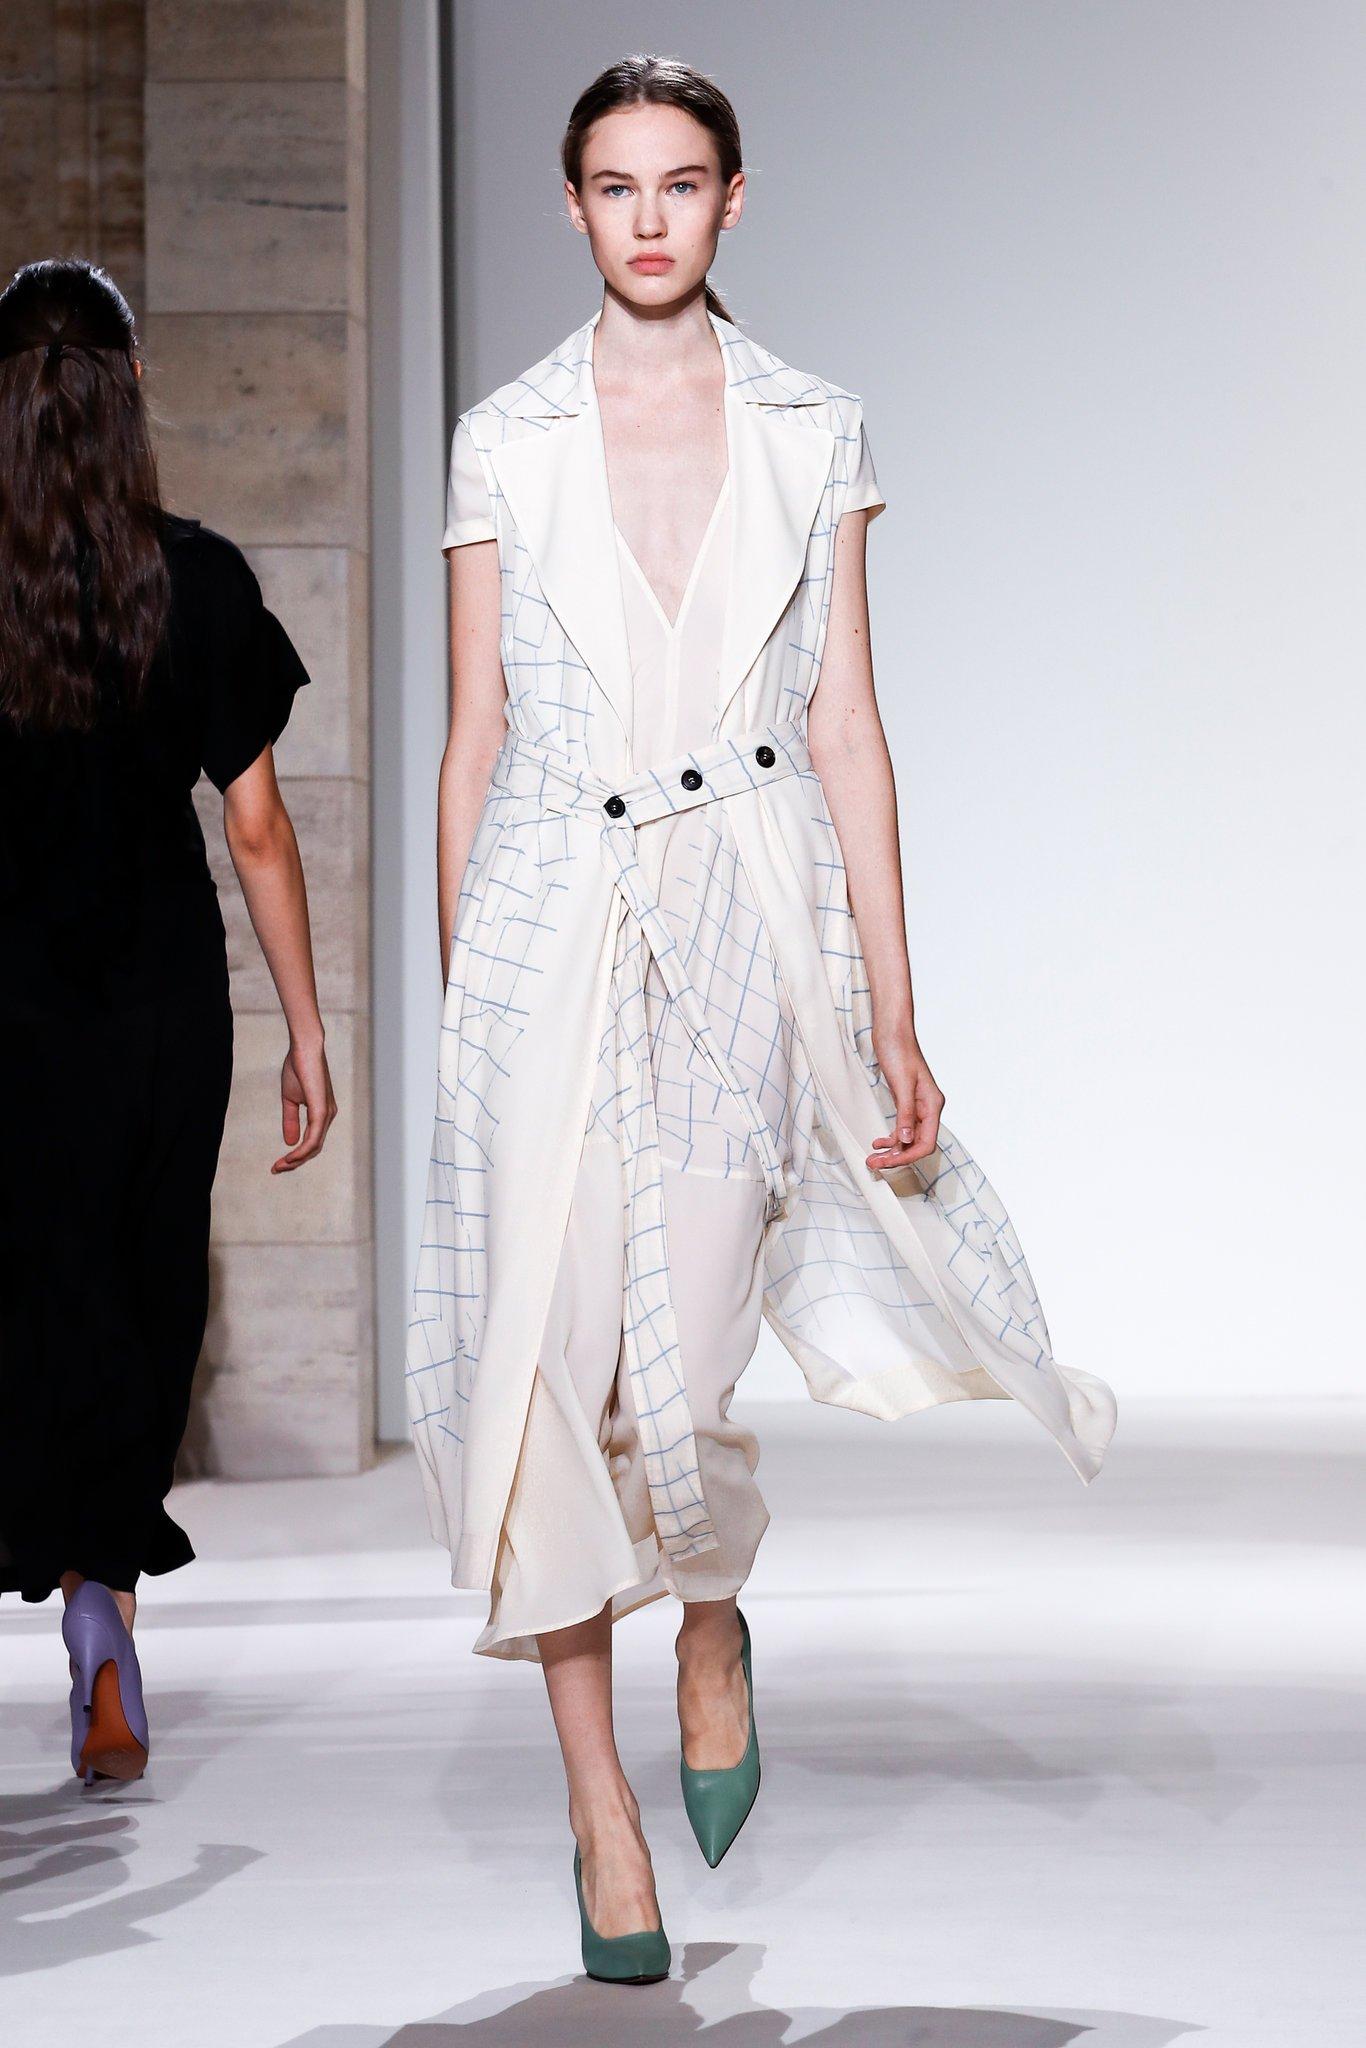 blanc vêtement fashion show mode printemps